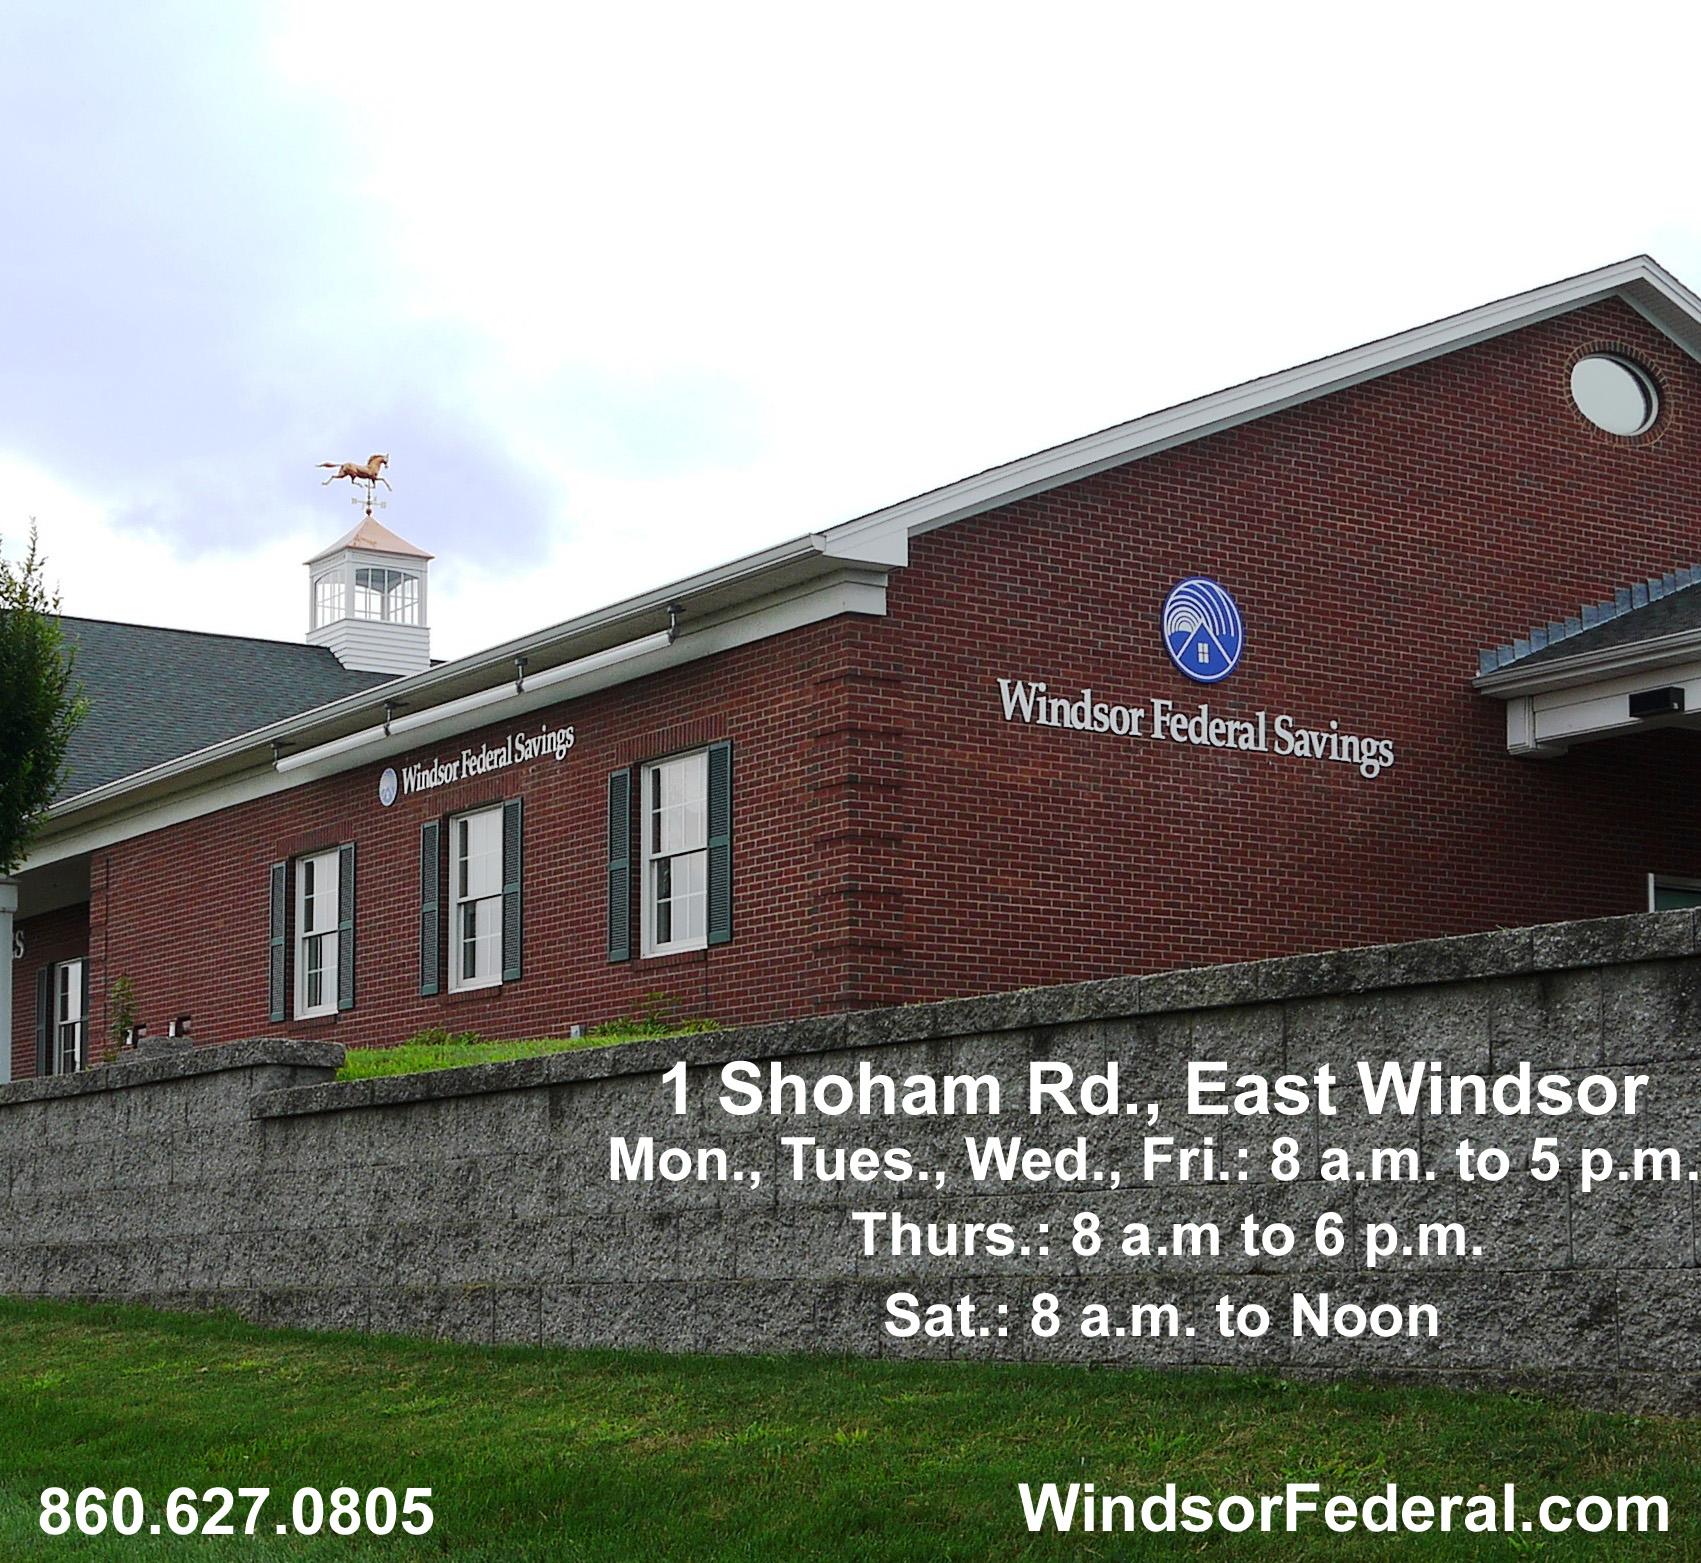 windsor_federal_east_windsor_Hours copy